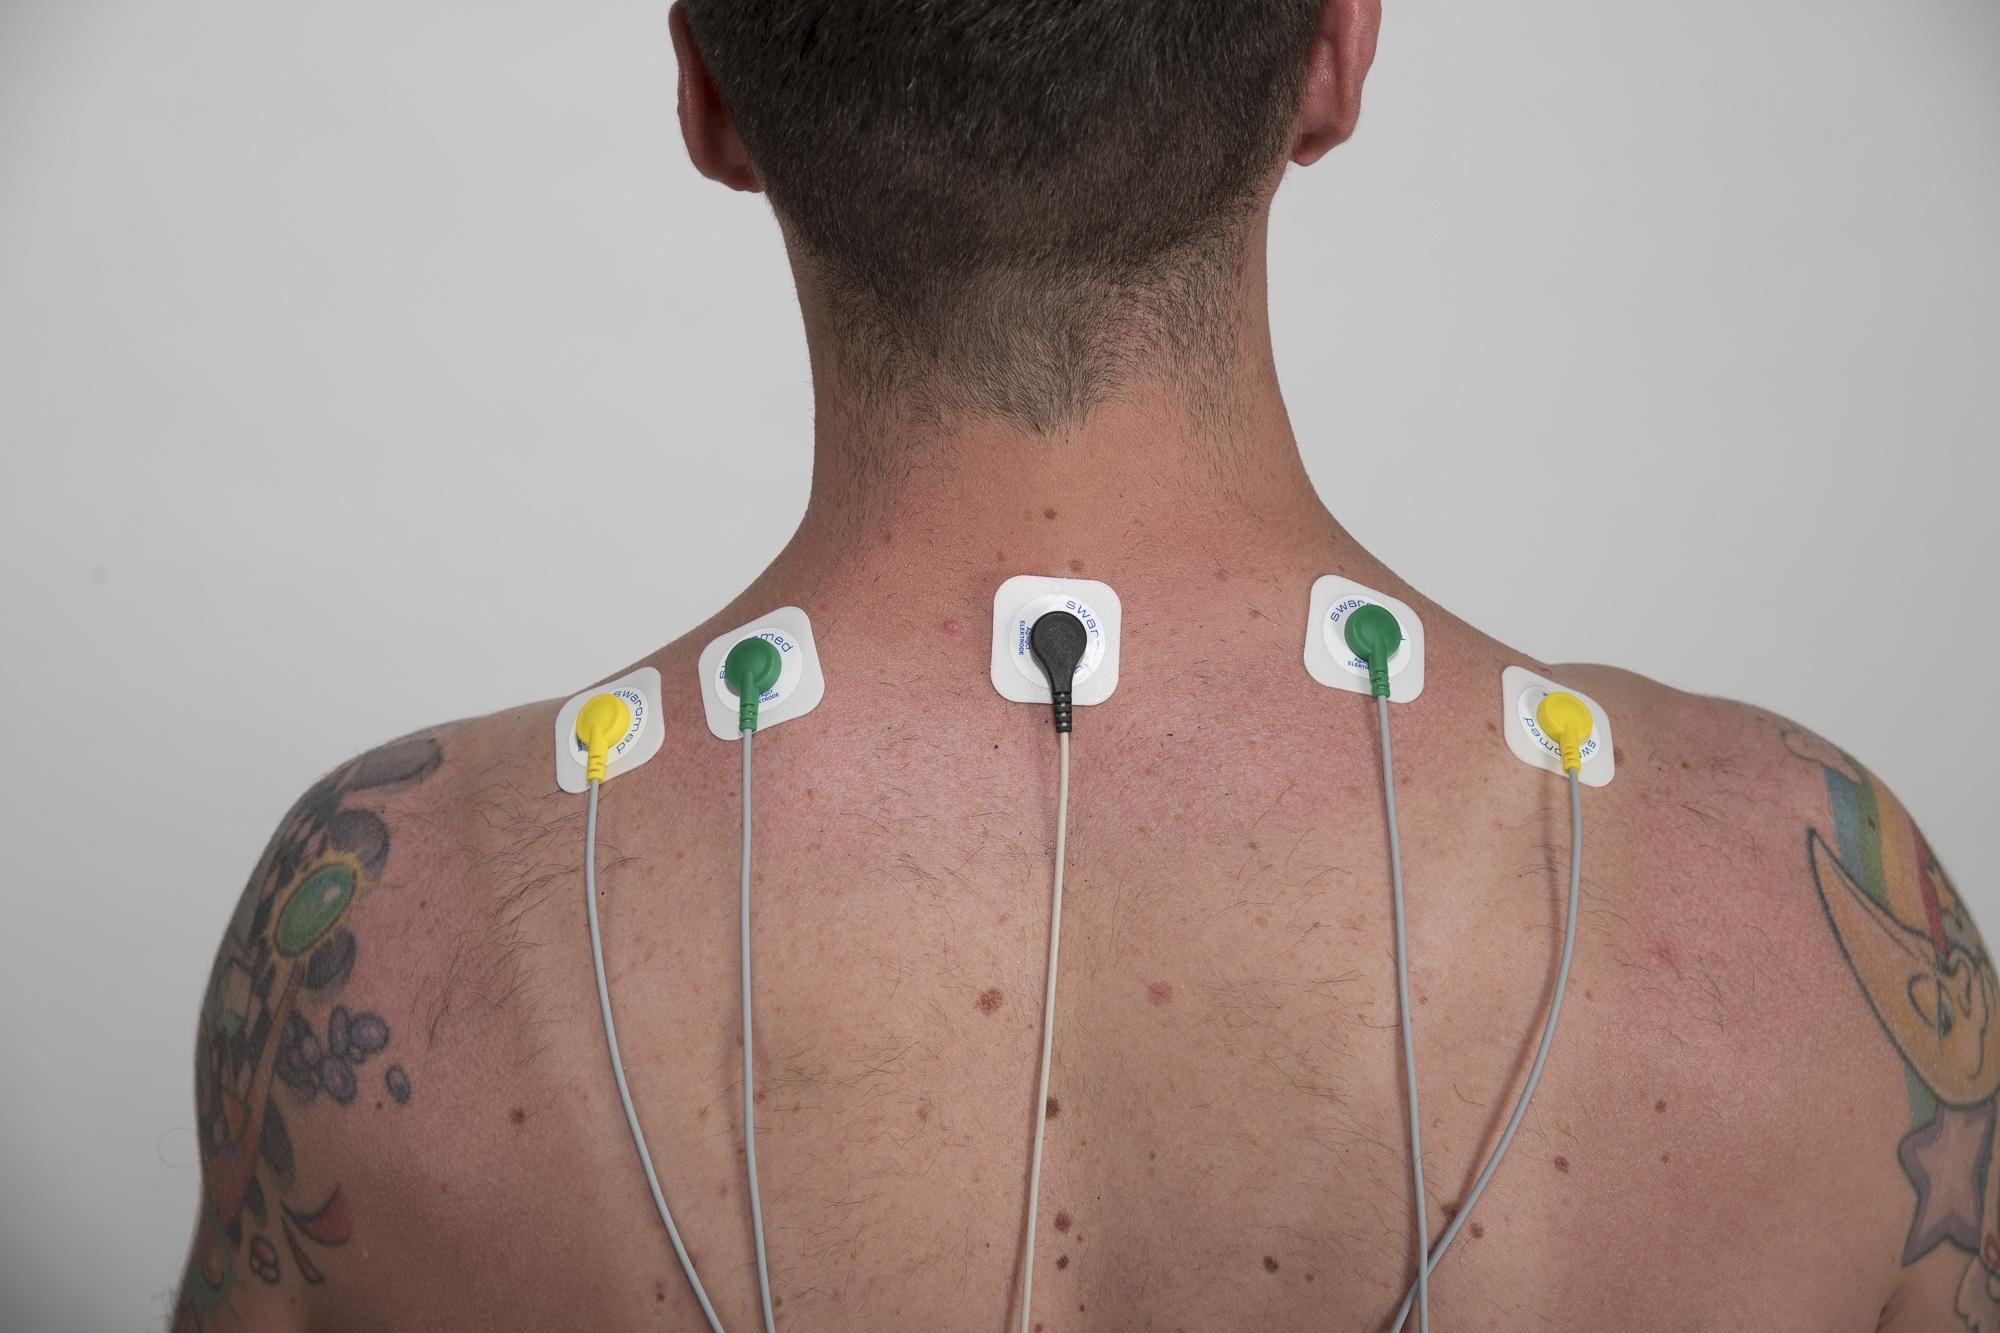 Biofeedback Sport: Anbringung von EMG-Elektroden auf dem Trapezius beim Biofeedback